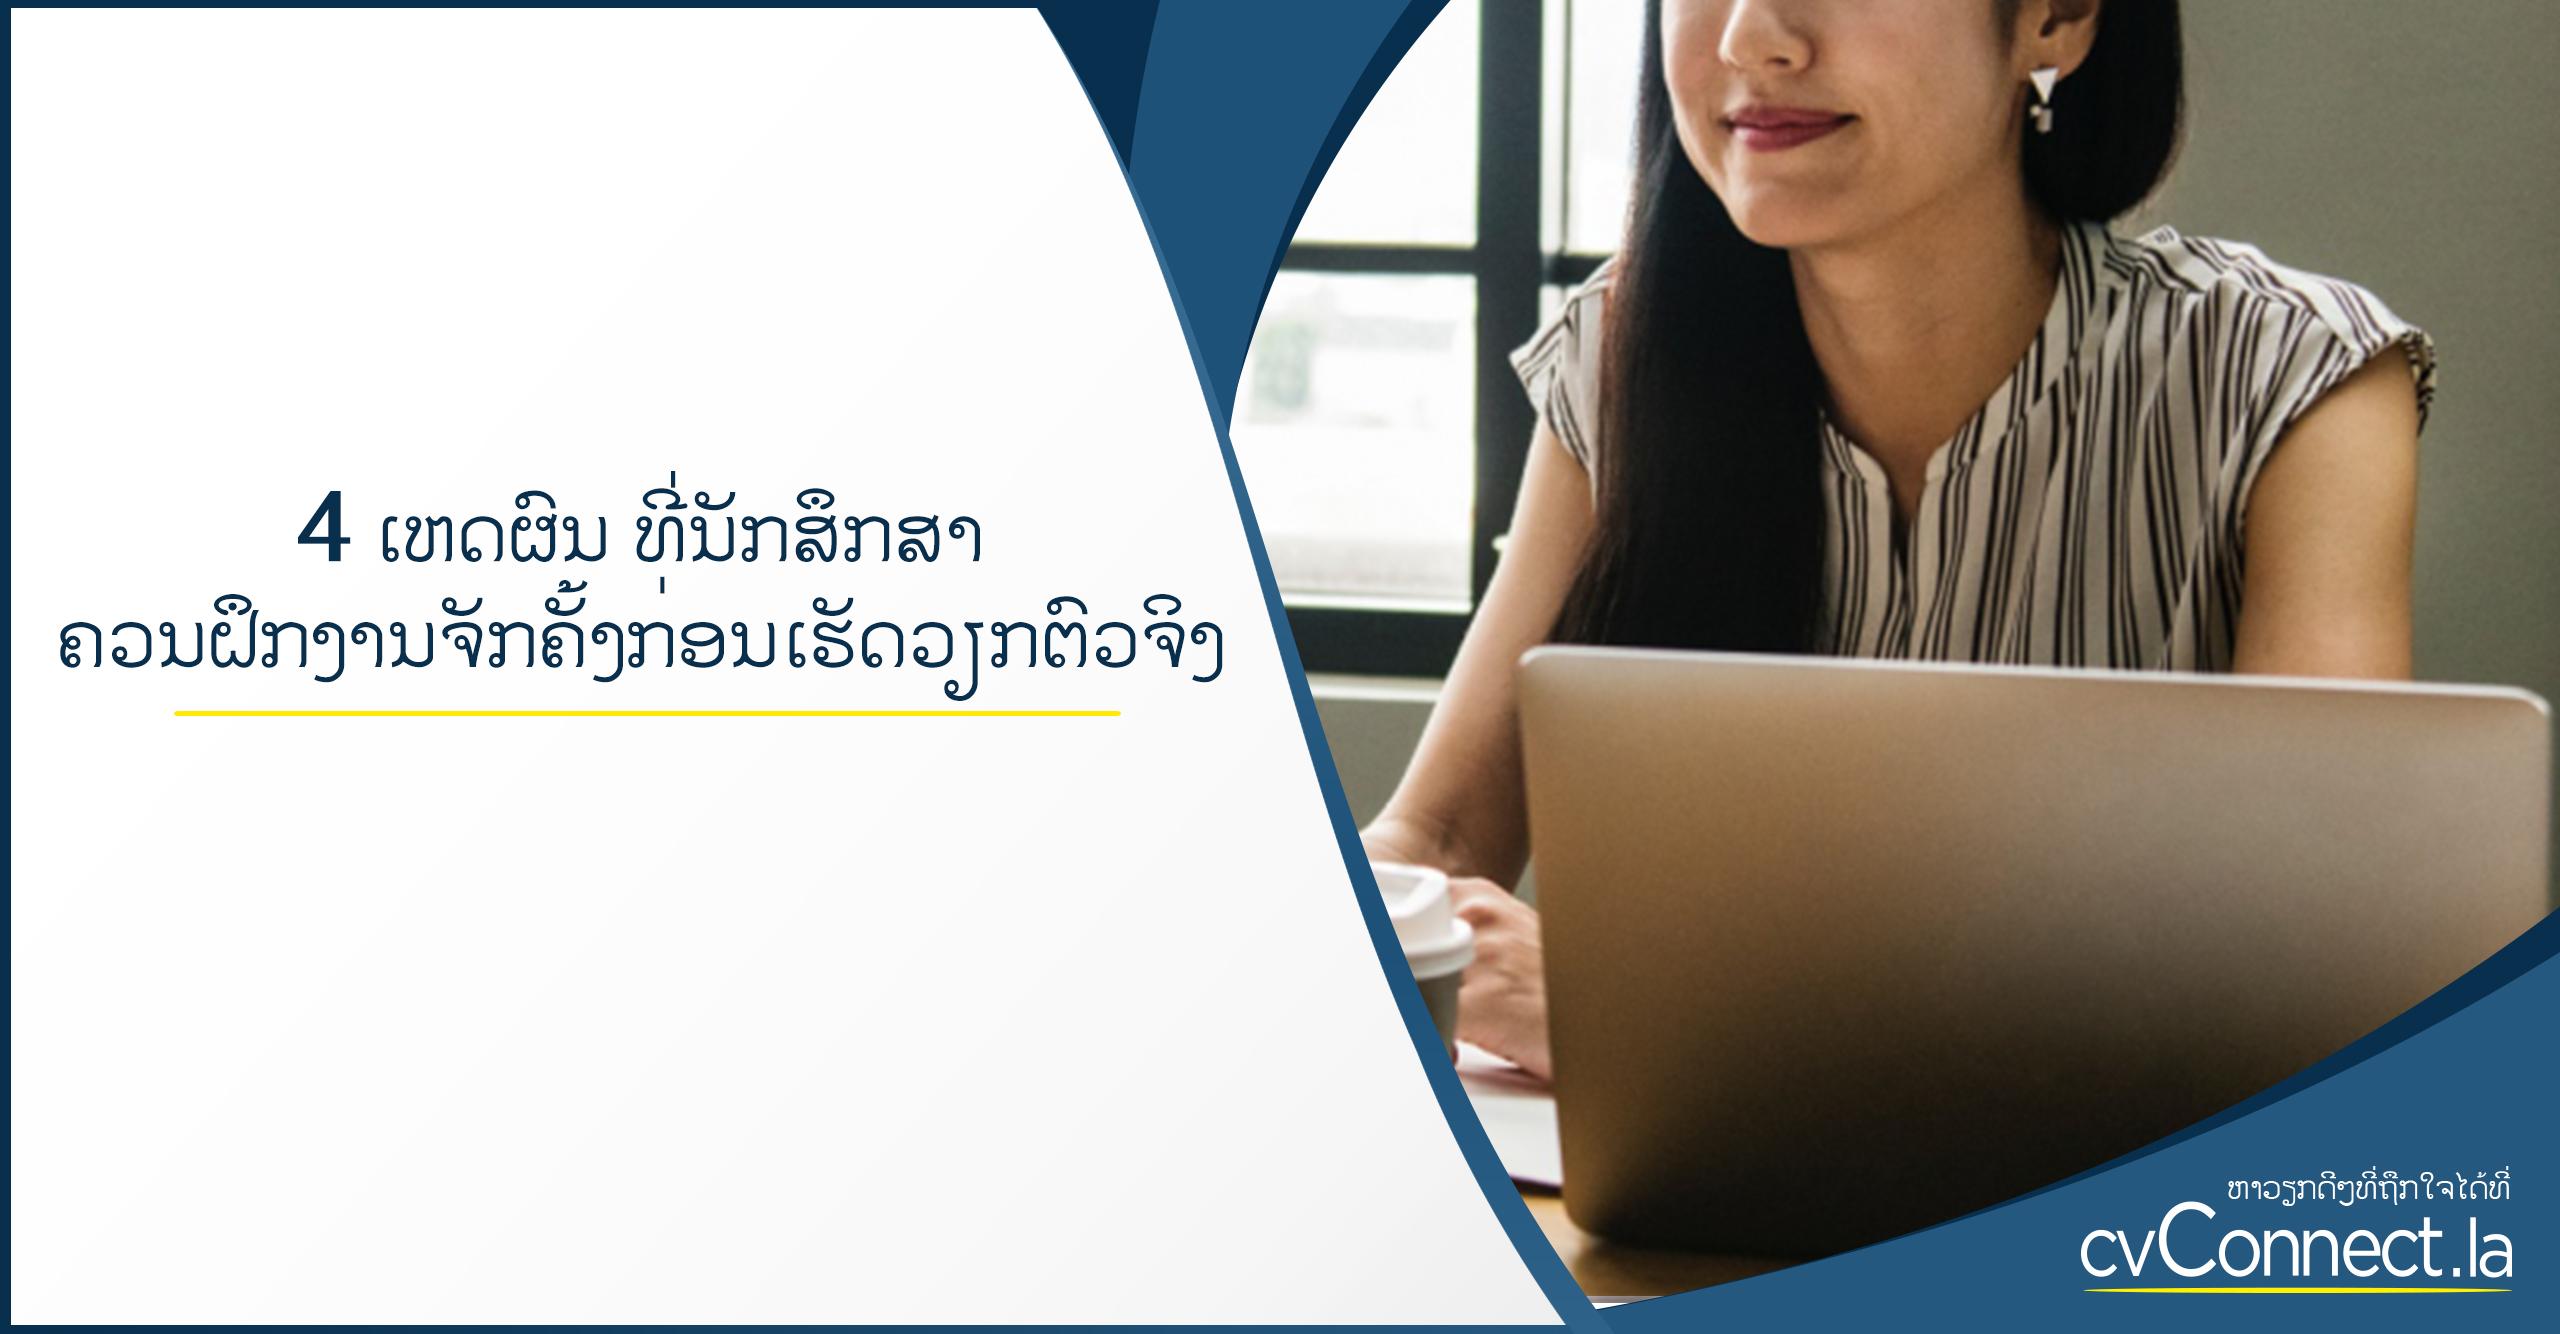 4 ເຫດຜົນ ທີ່ນັກສຶກສາຄວນຝຶກງານຈັກຄັ້ງກ່ອນເຮັດວຽກຕົວຈິງ - cvConnect Find Jobs in Laos